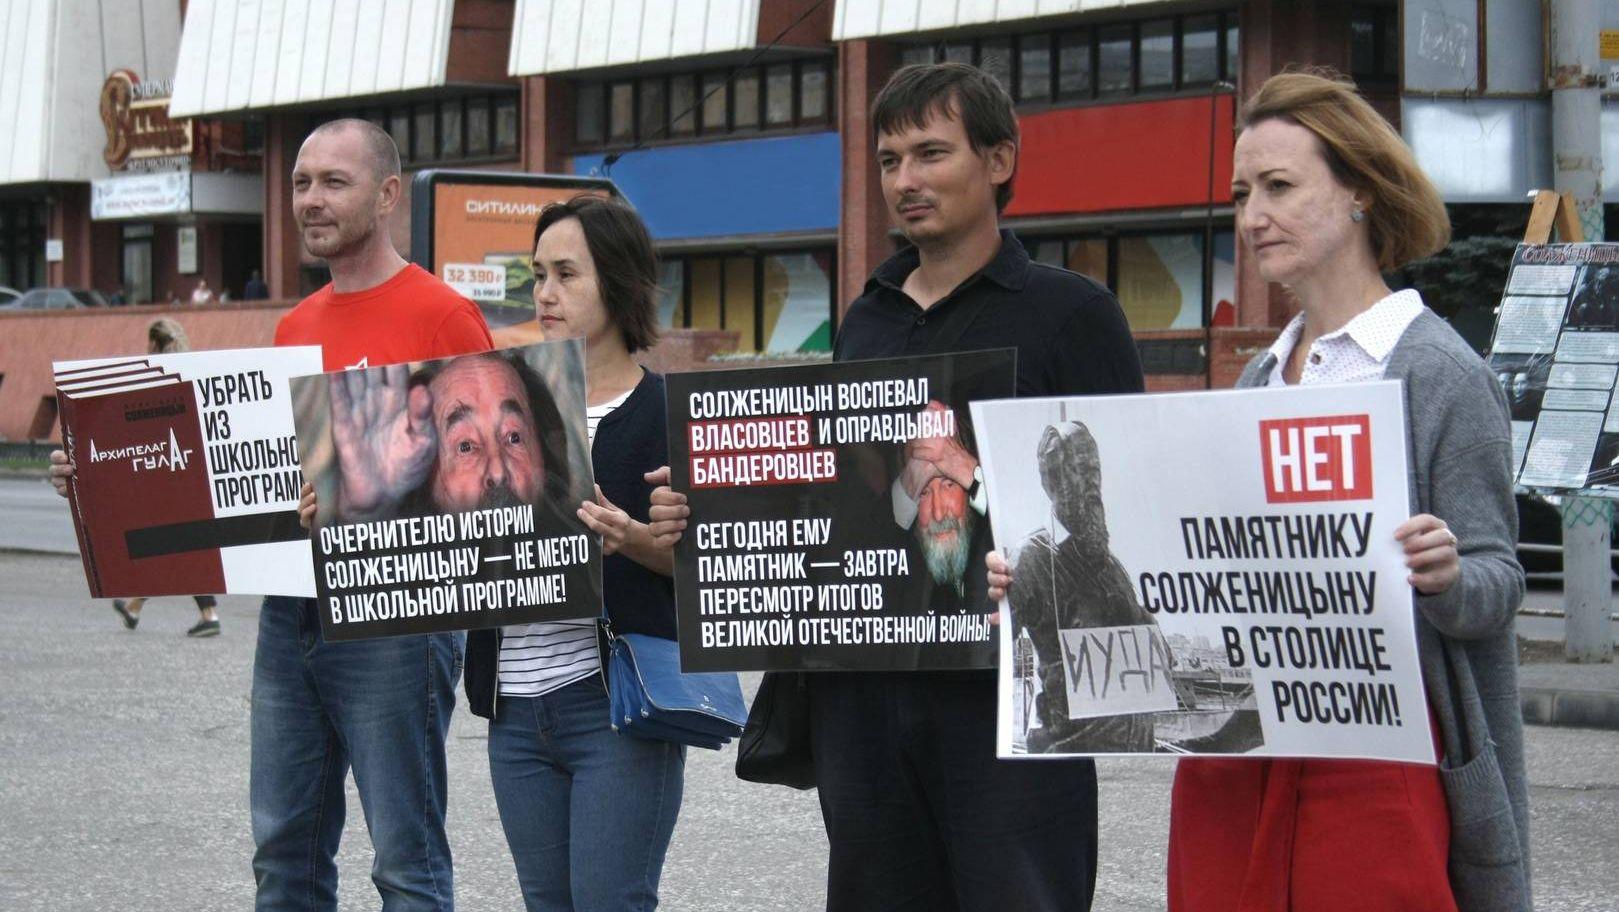 Пикет против памятника Солженицыну